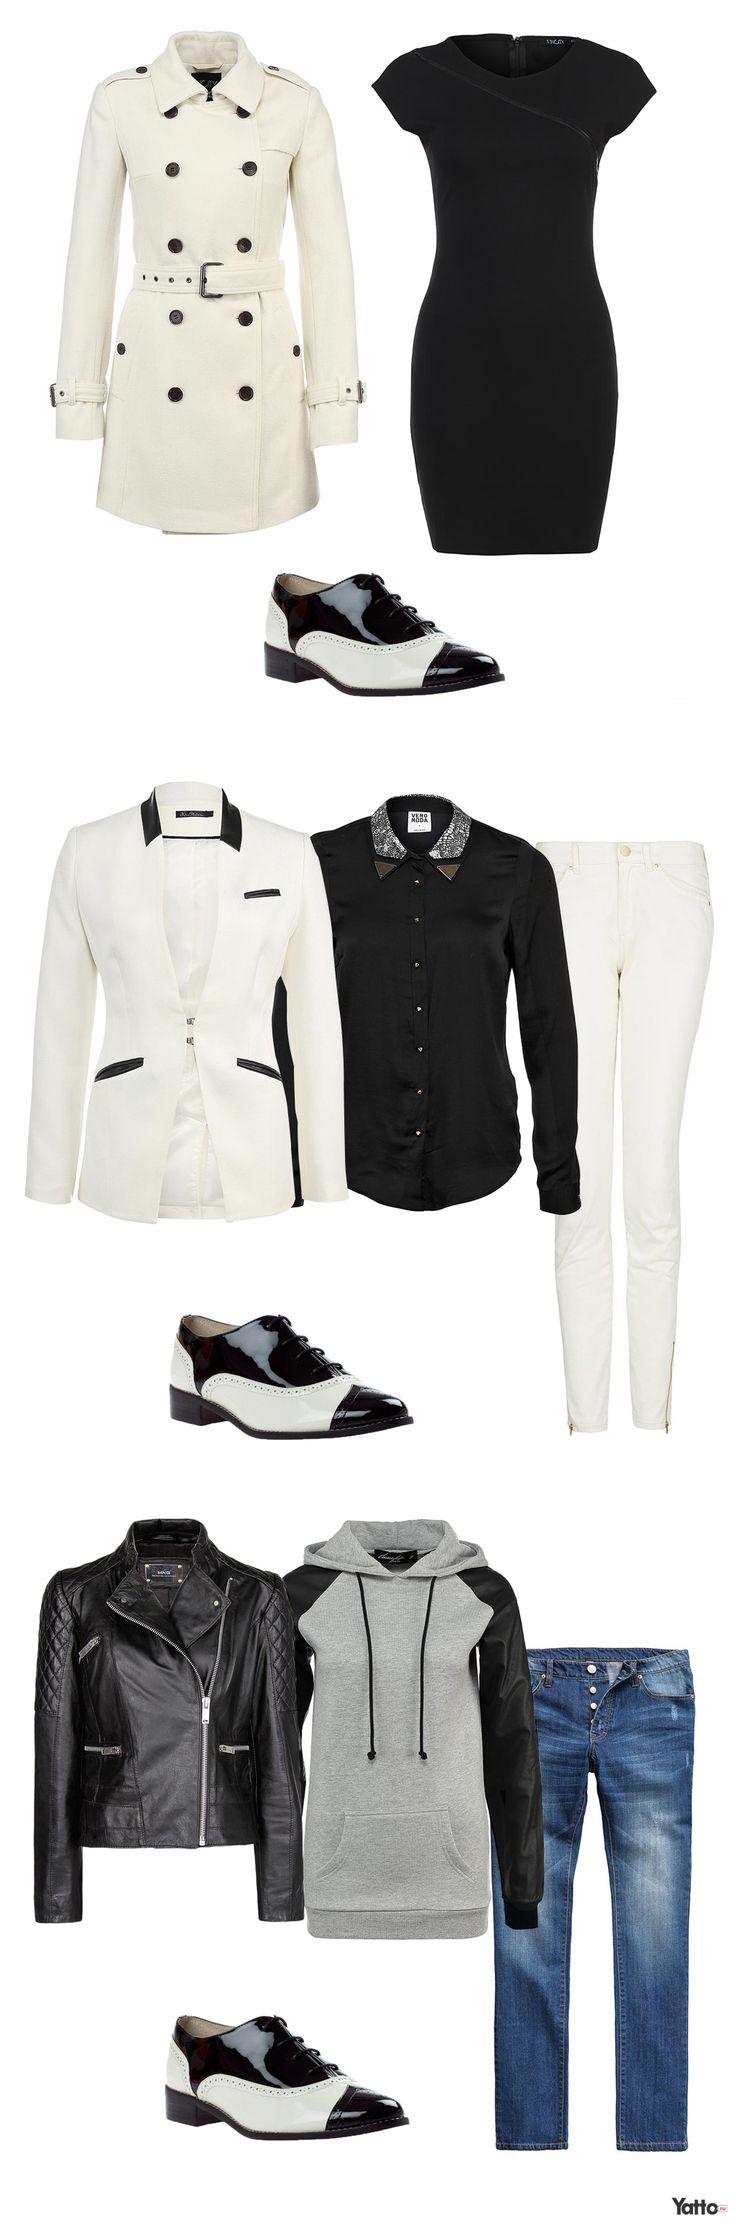 ЧЕРНО-БЕЛЫЕ БОТИНКИ Черно-белая палитра актуальна как никогда, что сказать, классика есть классика. В такие краски окрашены и одежда, и обувь. Если вы не решаетесь облачиться полностью в черно-белую гамму, начните с обуви такого цвета, тем более белый и черный – универсальные цвета, которые сочетаются со всеми другими, поэтому проблем с подбором вещей у вас возникнуть не должно.